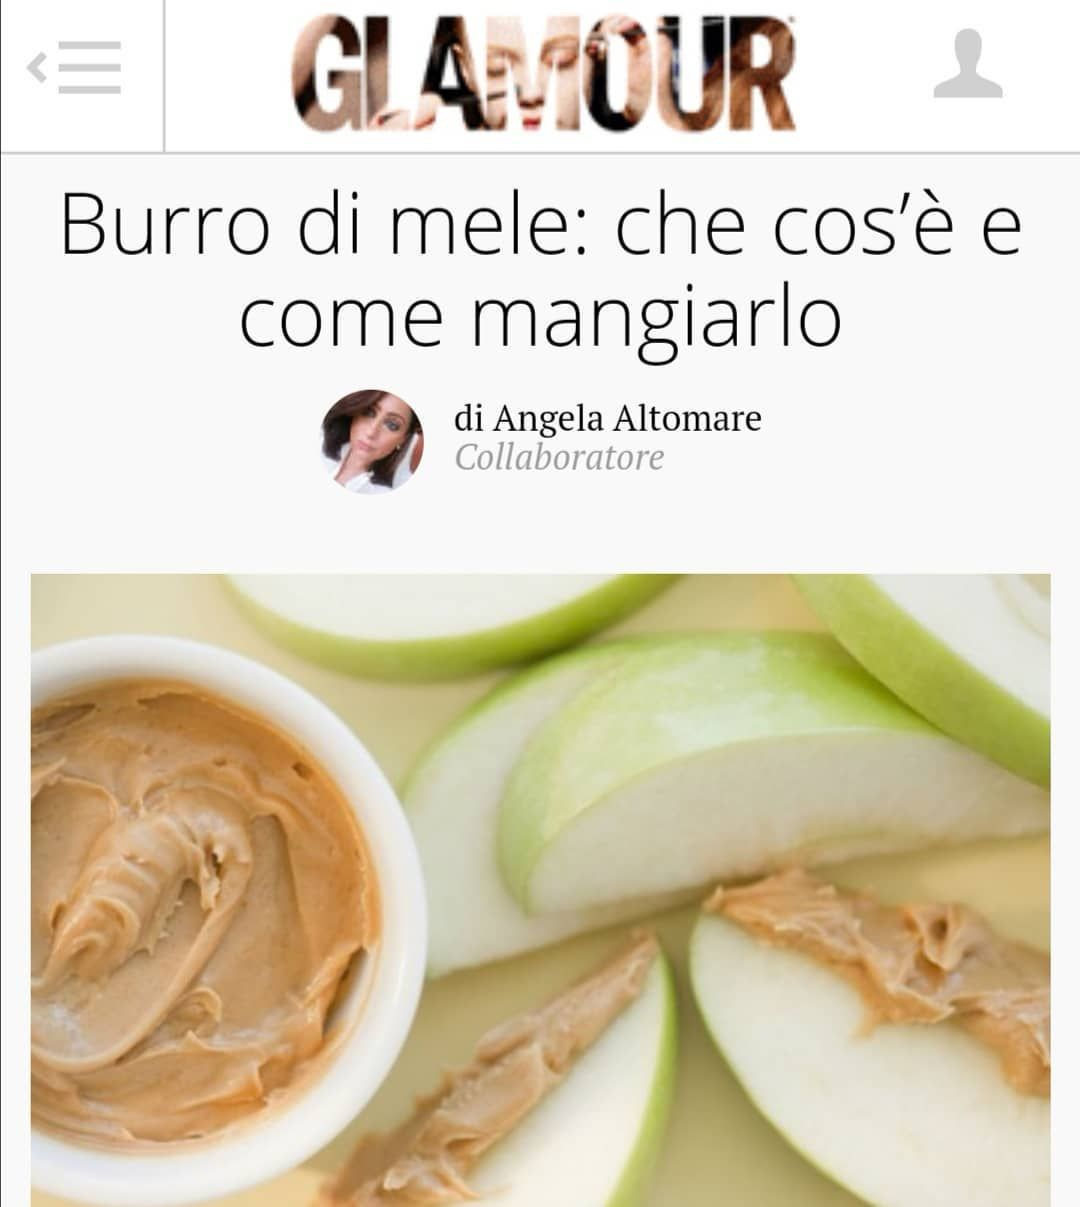 Spunti per la prima #colazione: avete mai provato il #burrodimele? Scoprite di cosa si tratta su @glamouritalia. Ho...